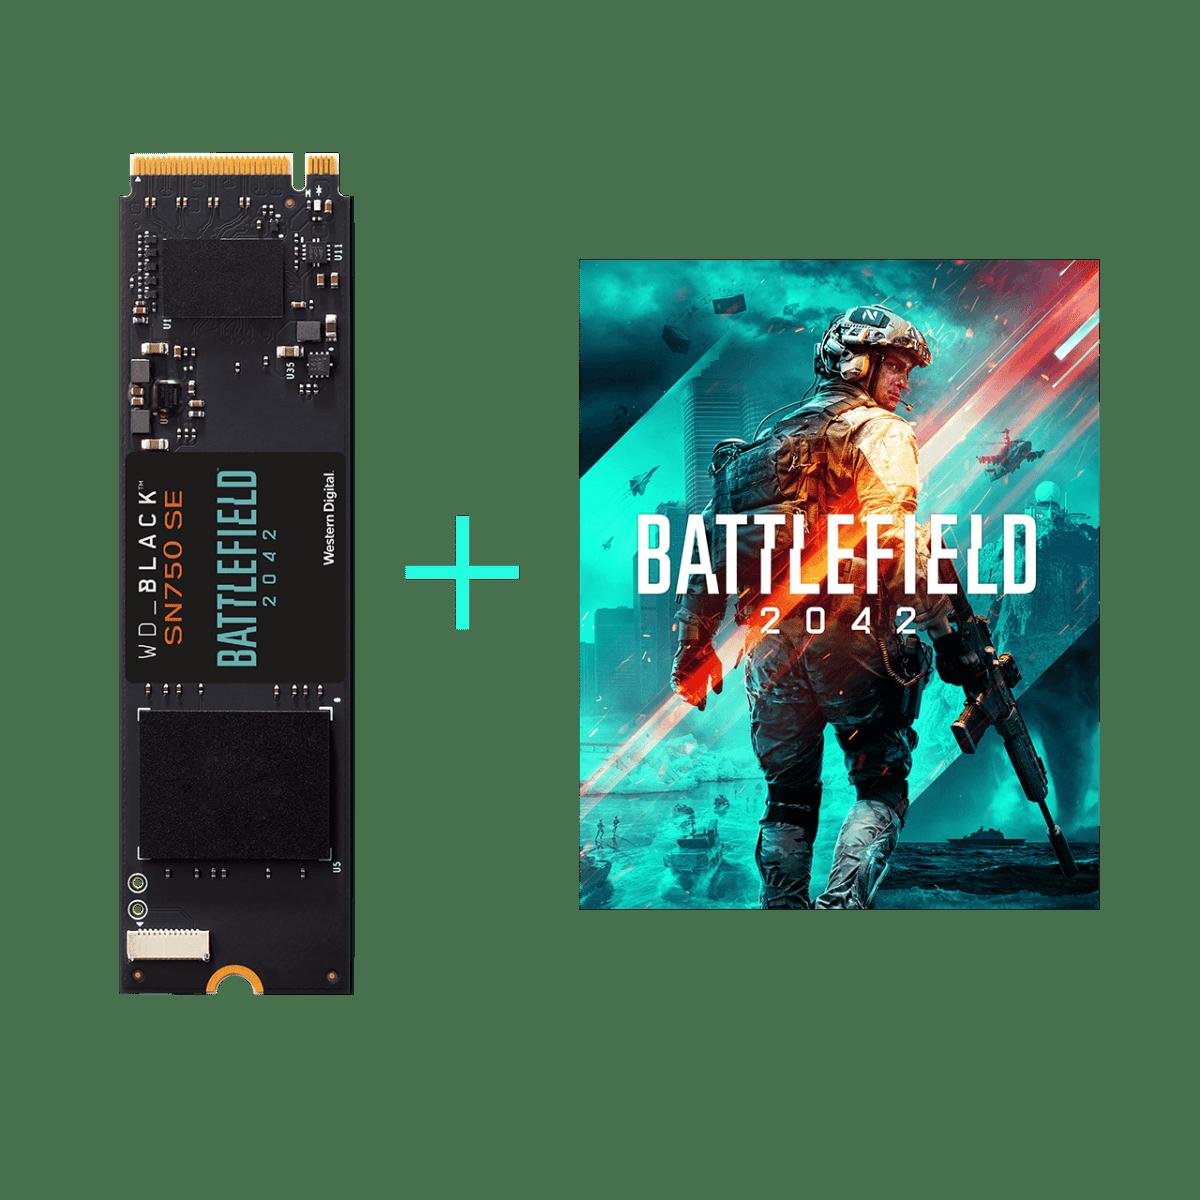 Fortalece tu arsenal con este rápido SSD WD_BLACK y obtén Battlefield 2042 en un solo paquete